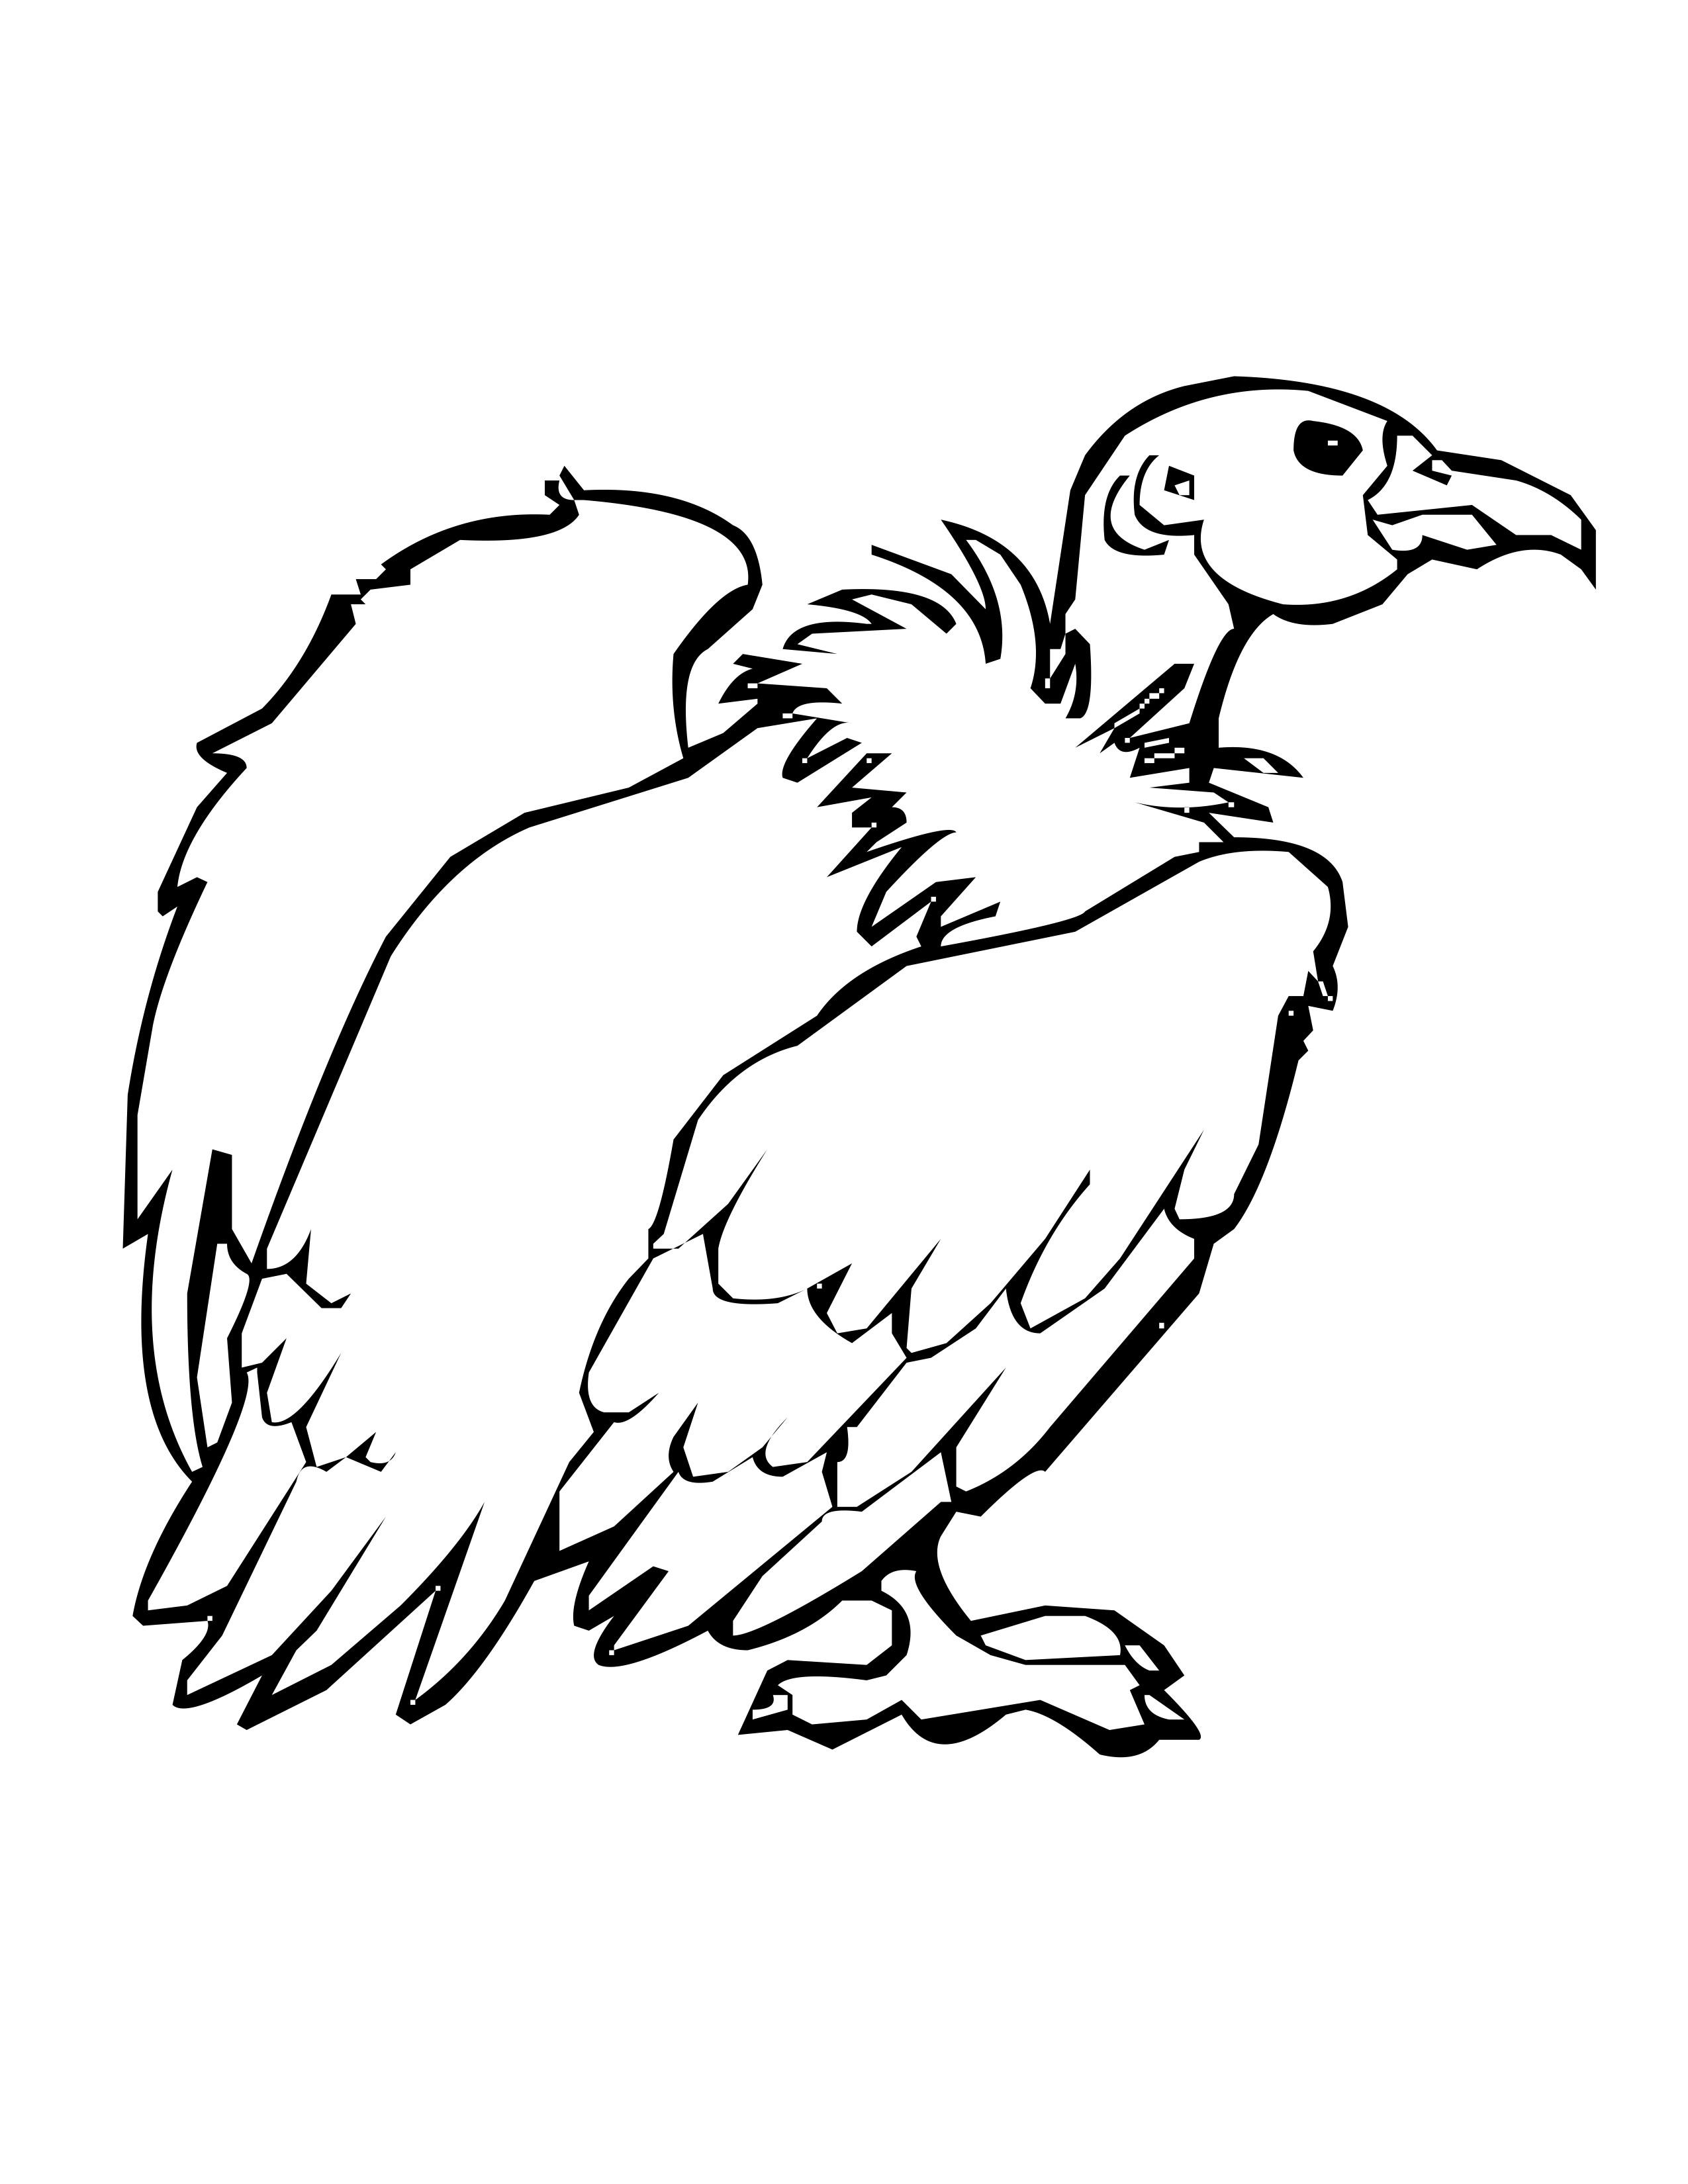 Vulture Coloring Pages - Democraciaejustica